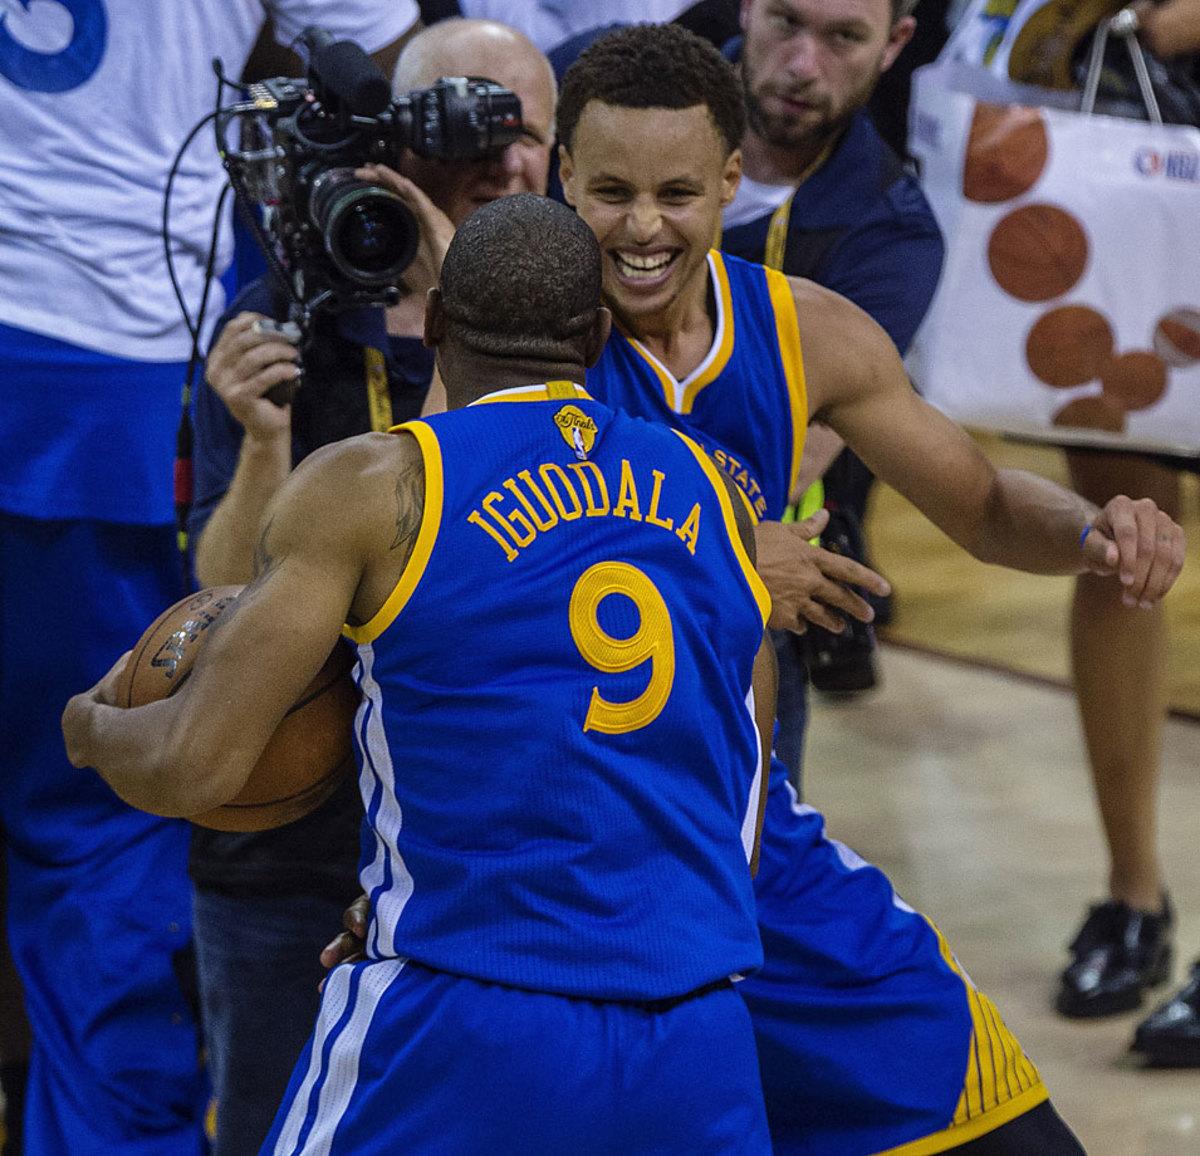 Golden-State-Warriors-win-NBA-title-15.jpg